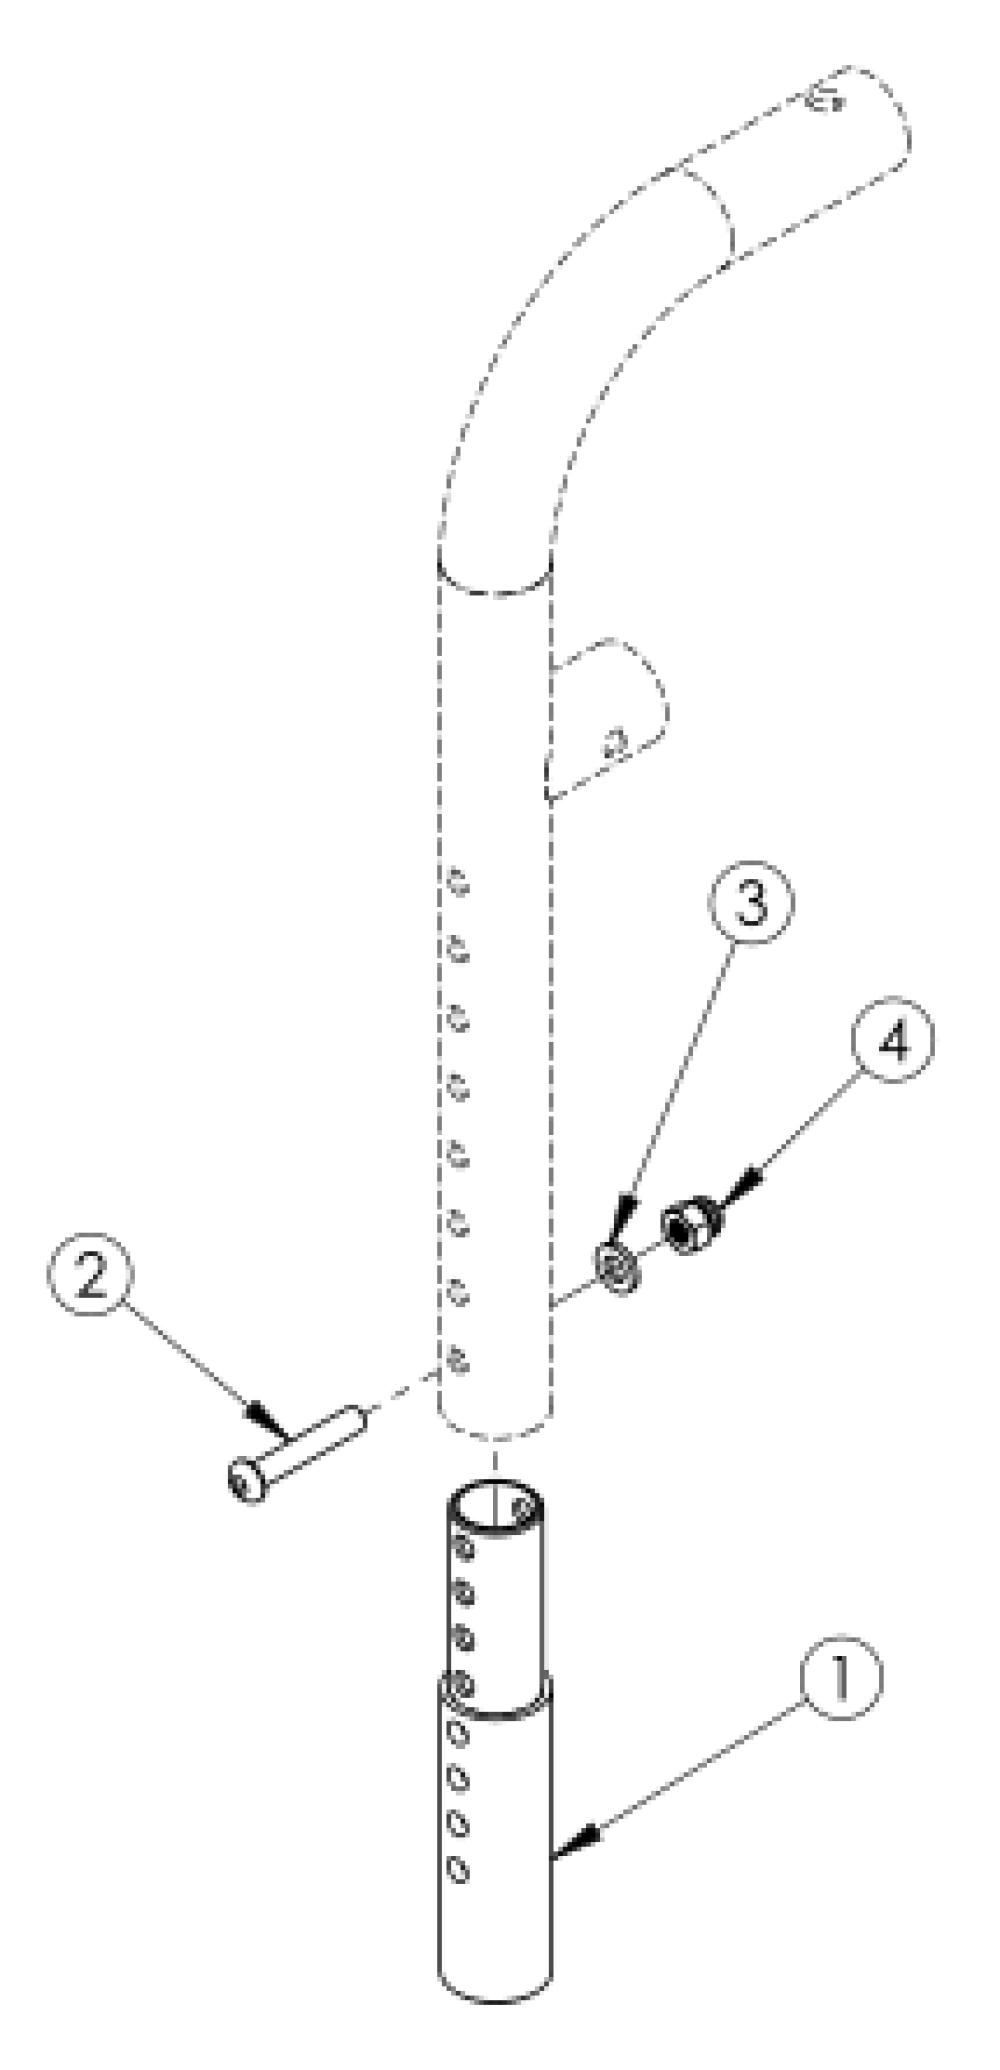 Front Mount Hanger Extension parts diagram